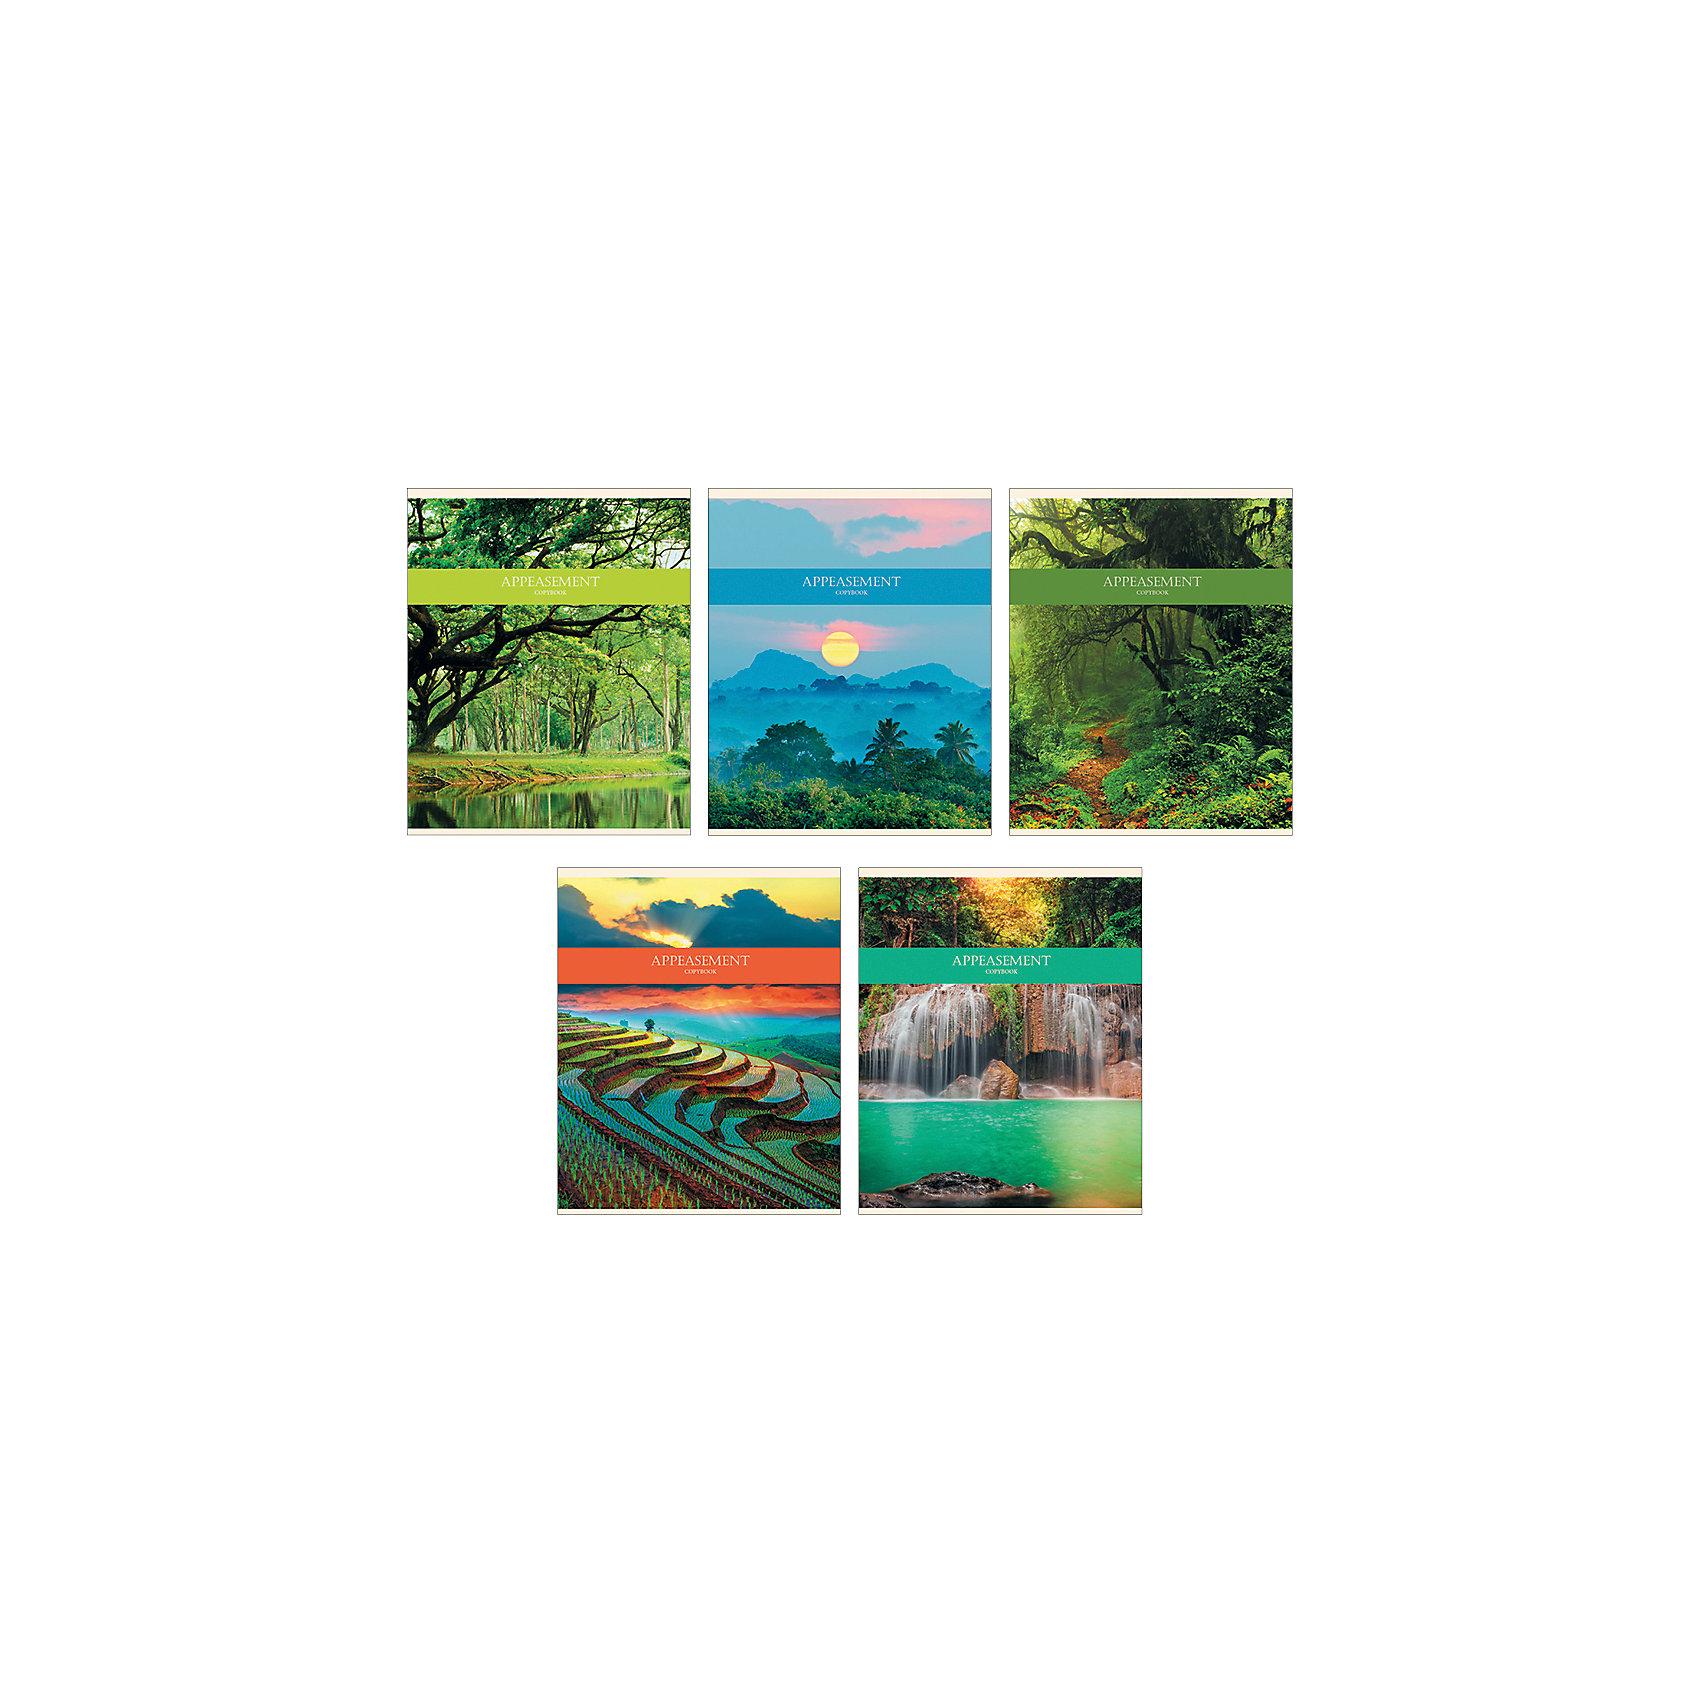 Комплект тетрадей Природная гармония (10 шт), 48 листов, Канц-ЭксмоХарактеристики комплекта тетрадей Природная гармония:<br><br>• размеры: 20.2х16.3х3.5 см<br>• количество листов: 48 шт.<br>• разлиновка: линейка<br>• формат: А 5 <br>• комплектация: тетрадь<br>• бумага: офсет, плотностью 60 г/м2.<br>• обложка: мелованный картон<br>• бренд: Канц-Эксмо<br>• страна бренда: Россия<br>• страна производителя: Россия<br><br>Комплект тетрадей Природная гармония от производителя Канц-Эксмо выполнен в формате А5. Количество листов 48, тетради в линейку с полями. Крепление: скрепка. Обложка у изделий плотная - мелованный картон, выборочный лак <br><br>Комплект тетрадей Природная гармония от производителя Канц-Эксмо можно купить в нашем интернет-магазине.<br><br>Ширина мм: 202<br>Глубина мм: 165<br>Высота мм: 40<br>Вес г: 103<br>Возраст от месяцев: 72<br>Возраст до месяцев: 2147483647<br>Пол: Женский<br>Возраст: Детский<br>SKU: 5448415